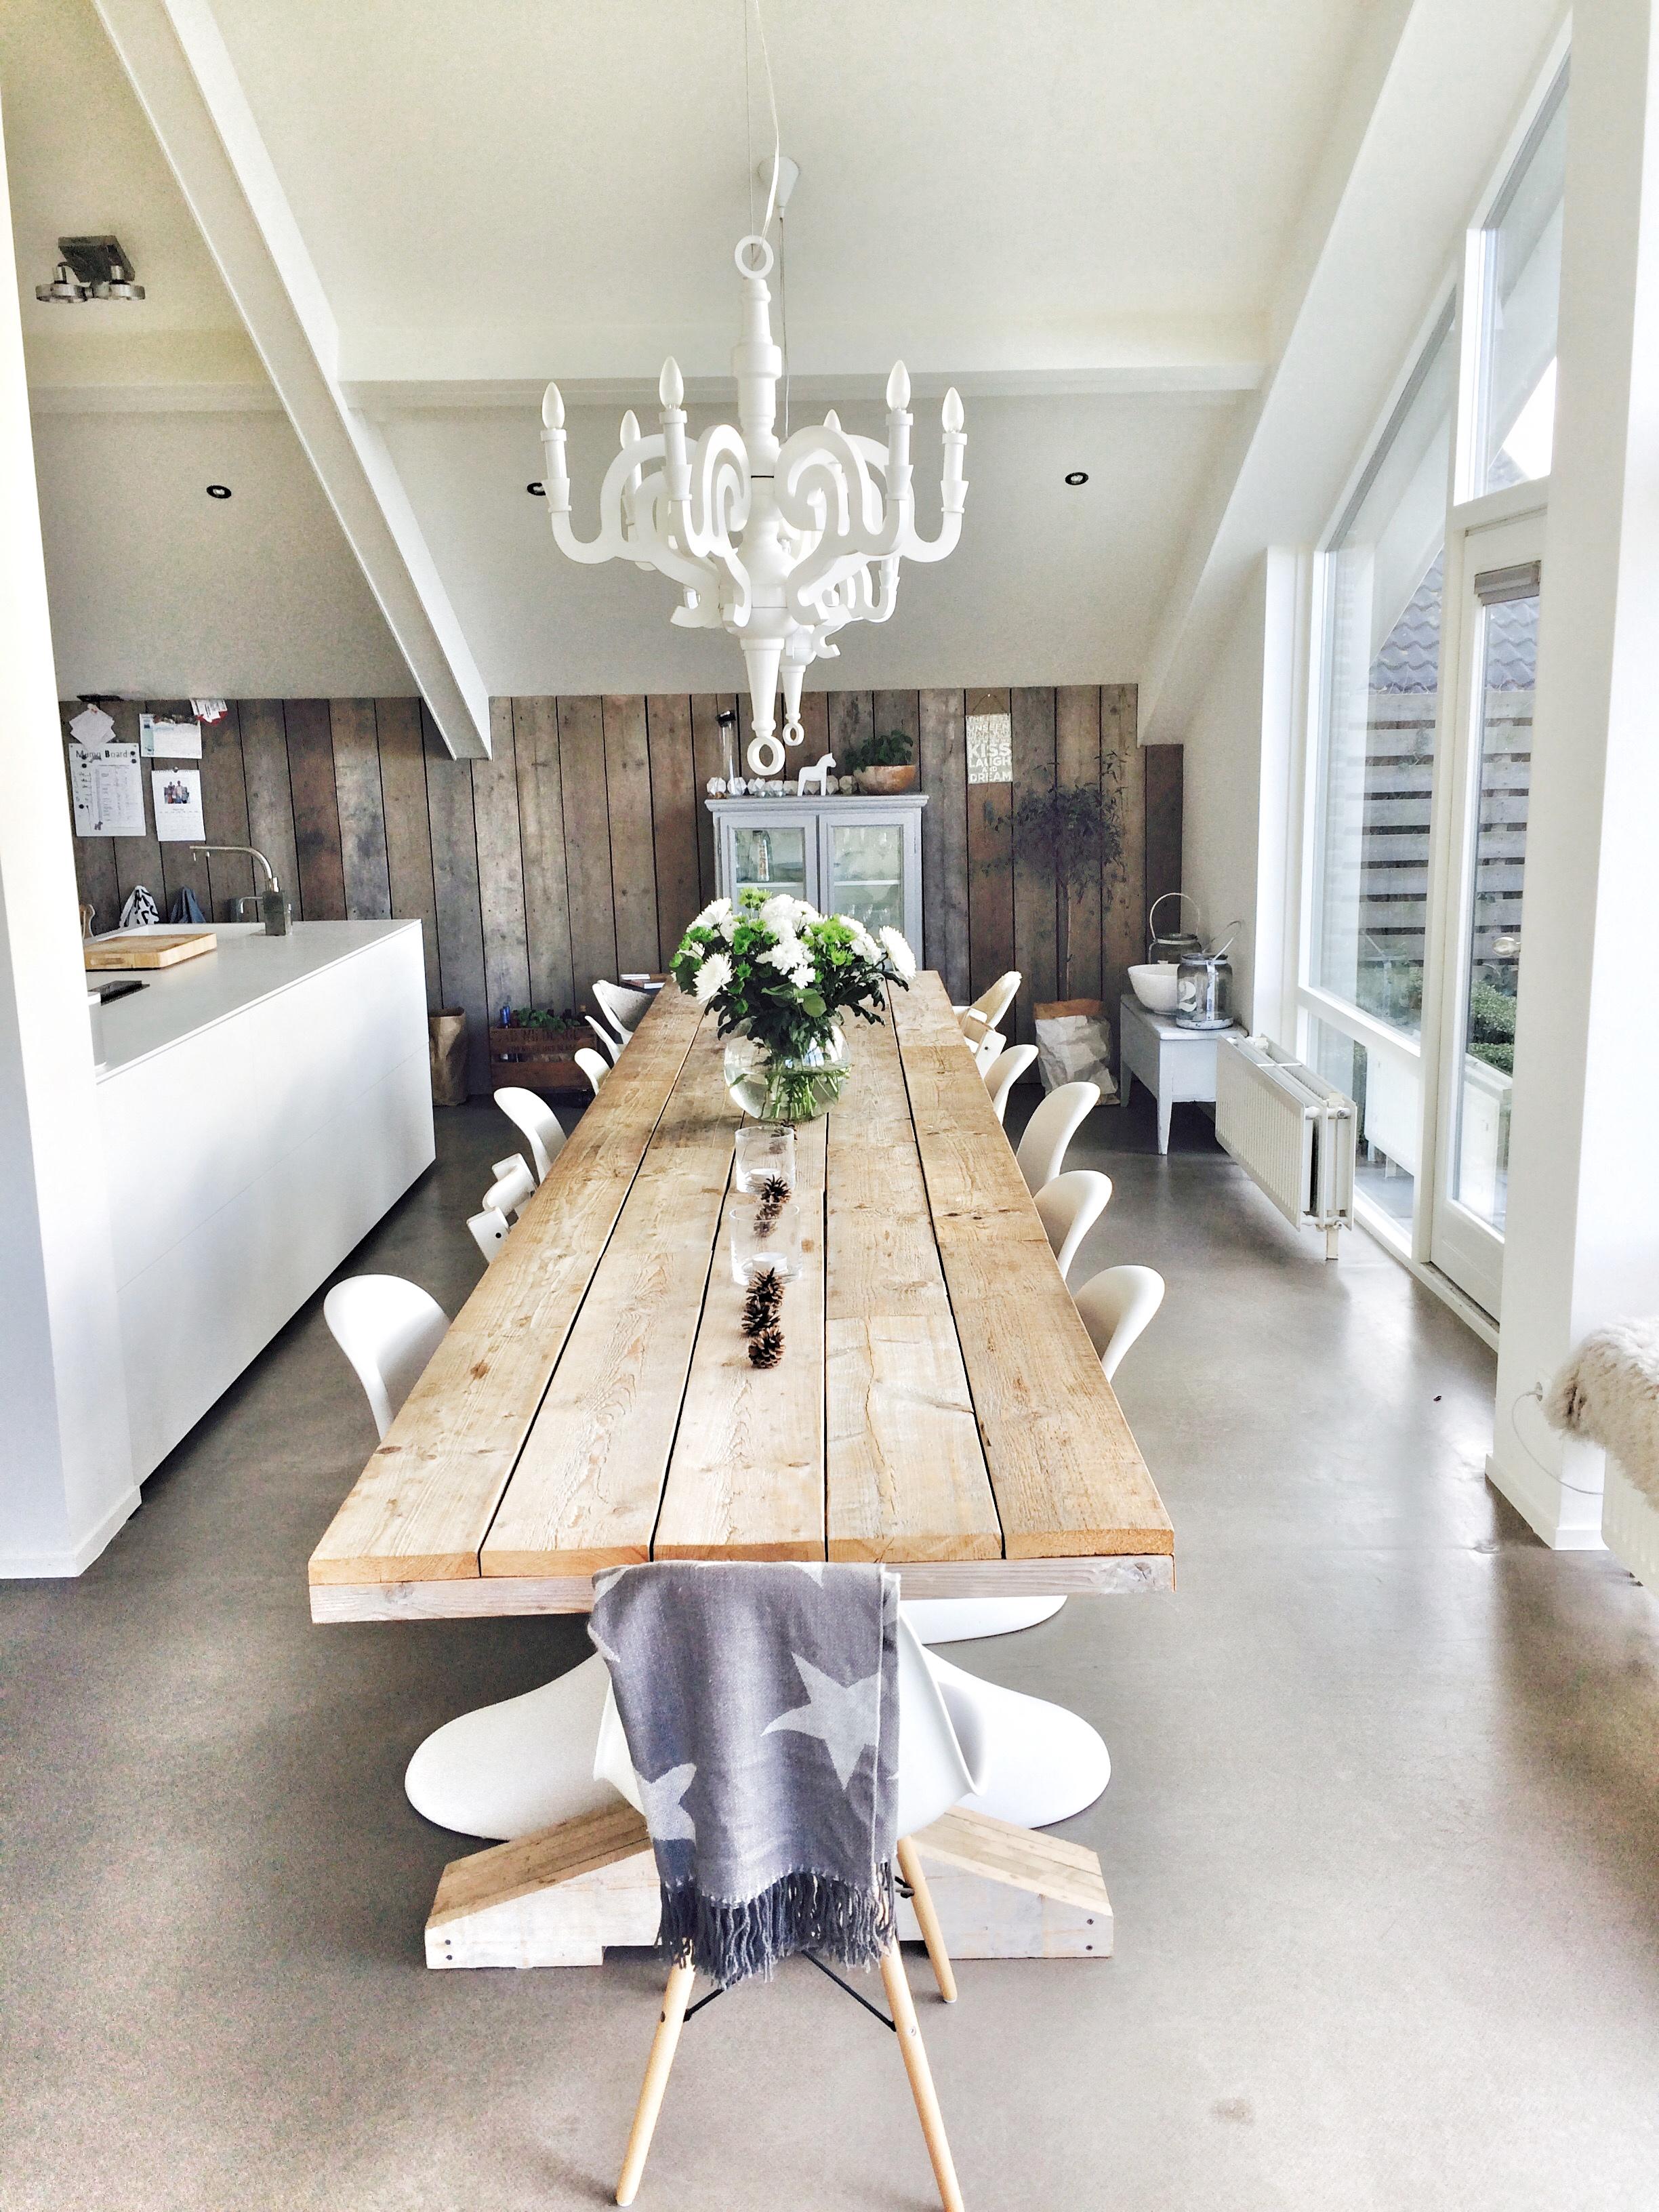 tafel van bijna 5 meter lang, gemaakt van oud steigerhout